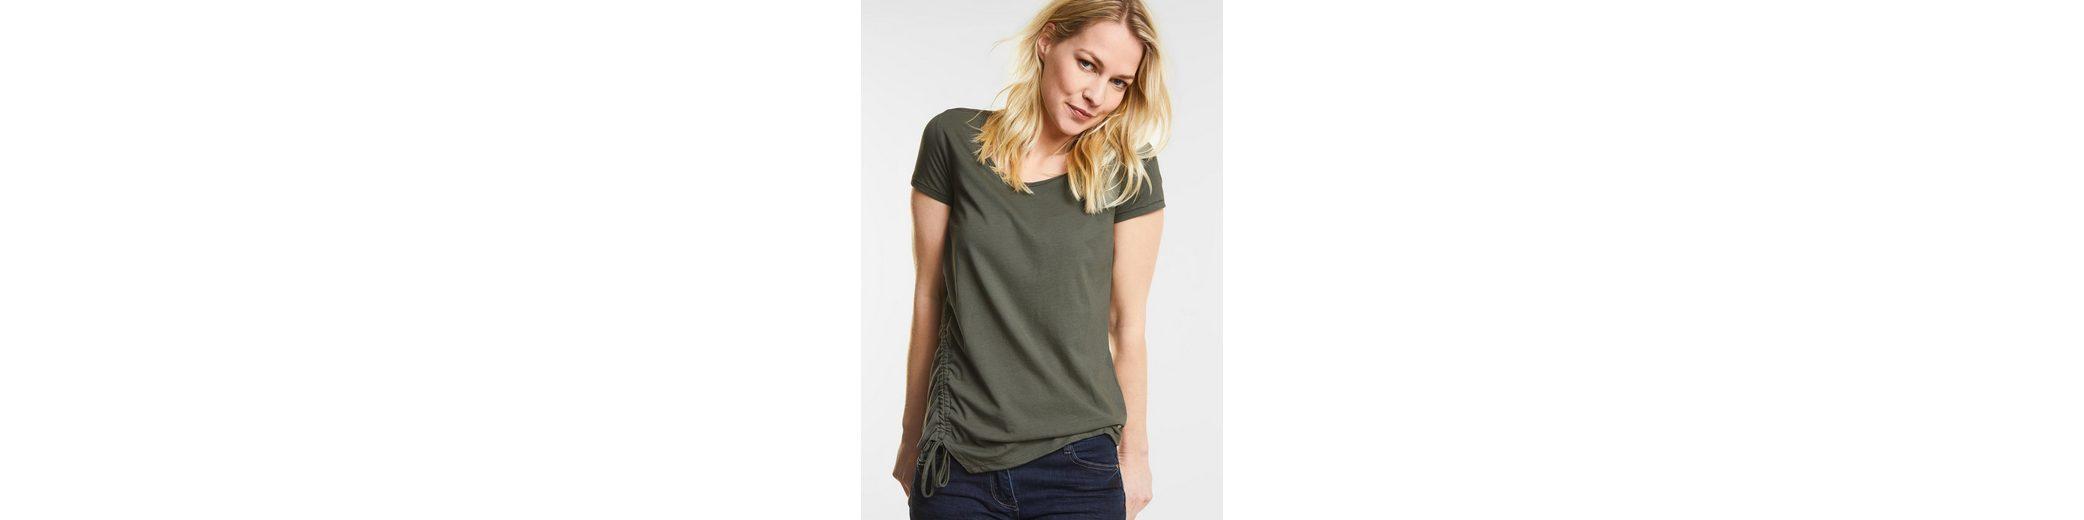 CECIL T-Shirt mit Raffung Vorbestellung L8od6oqigd